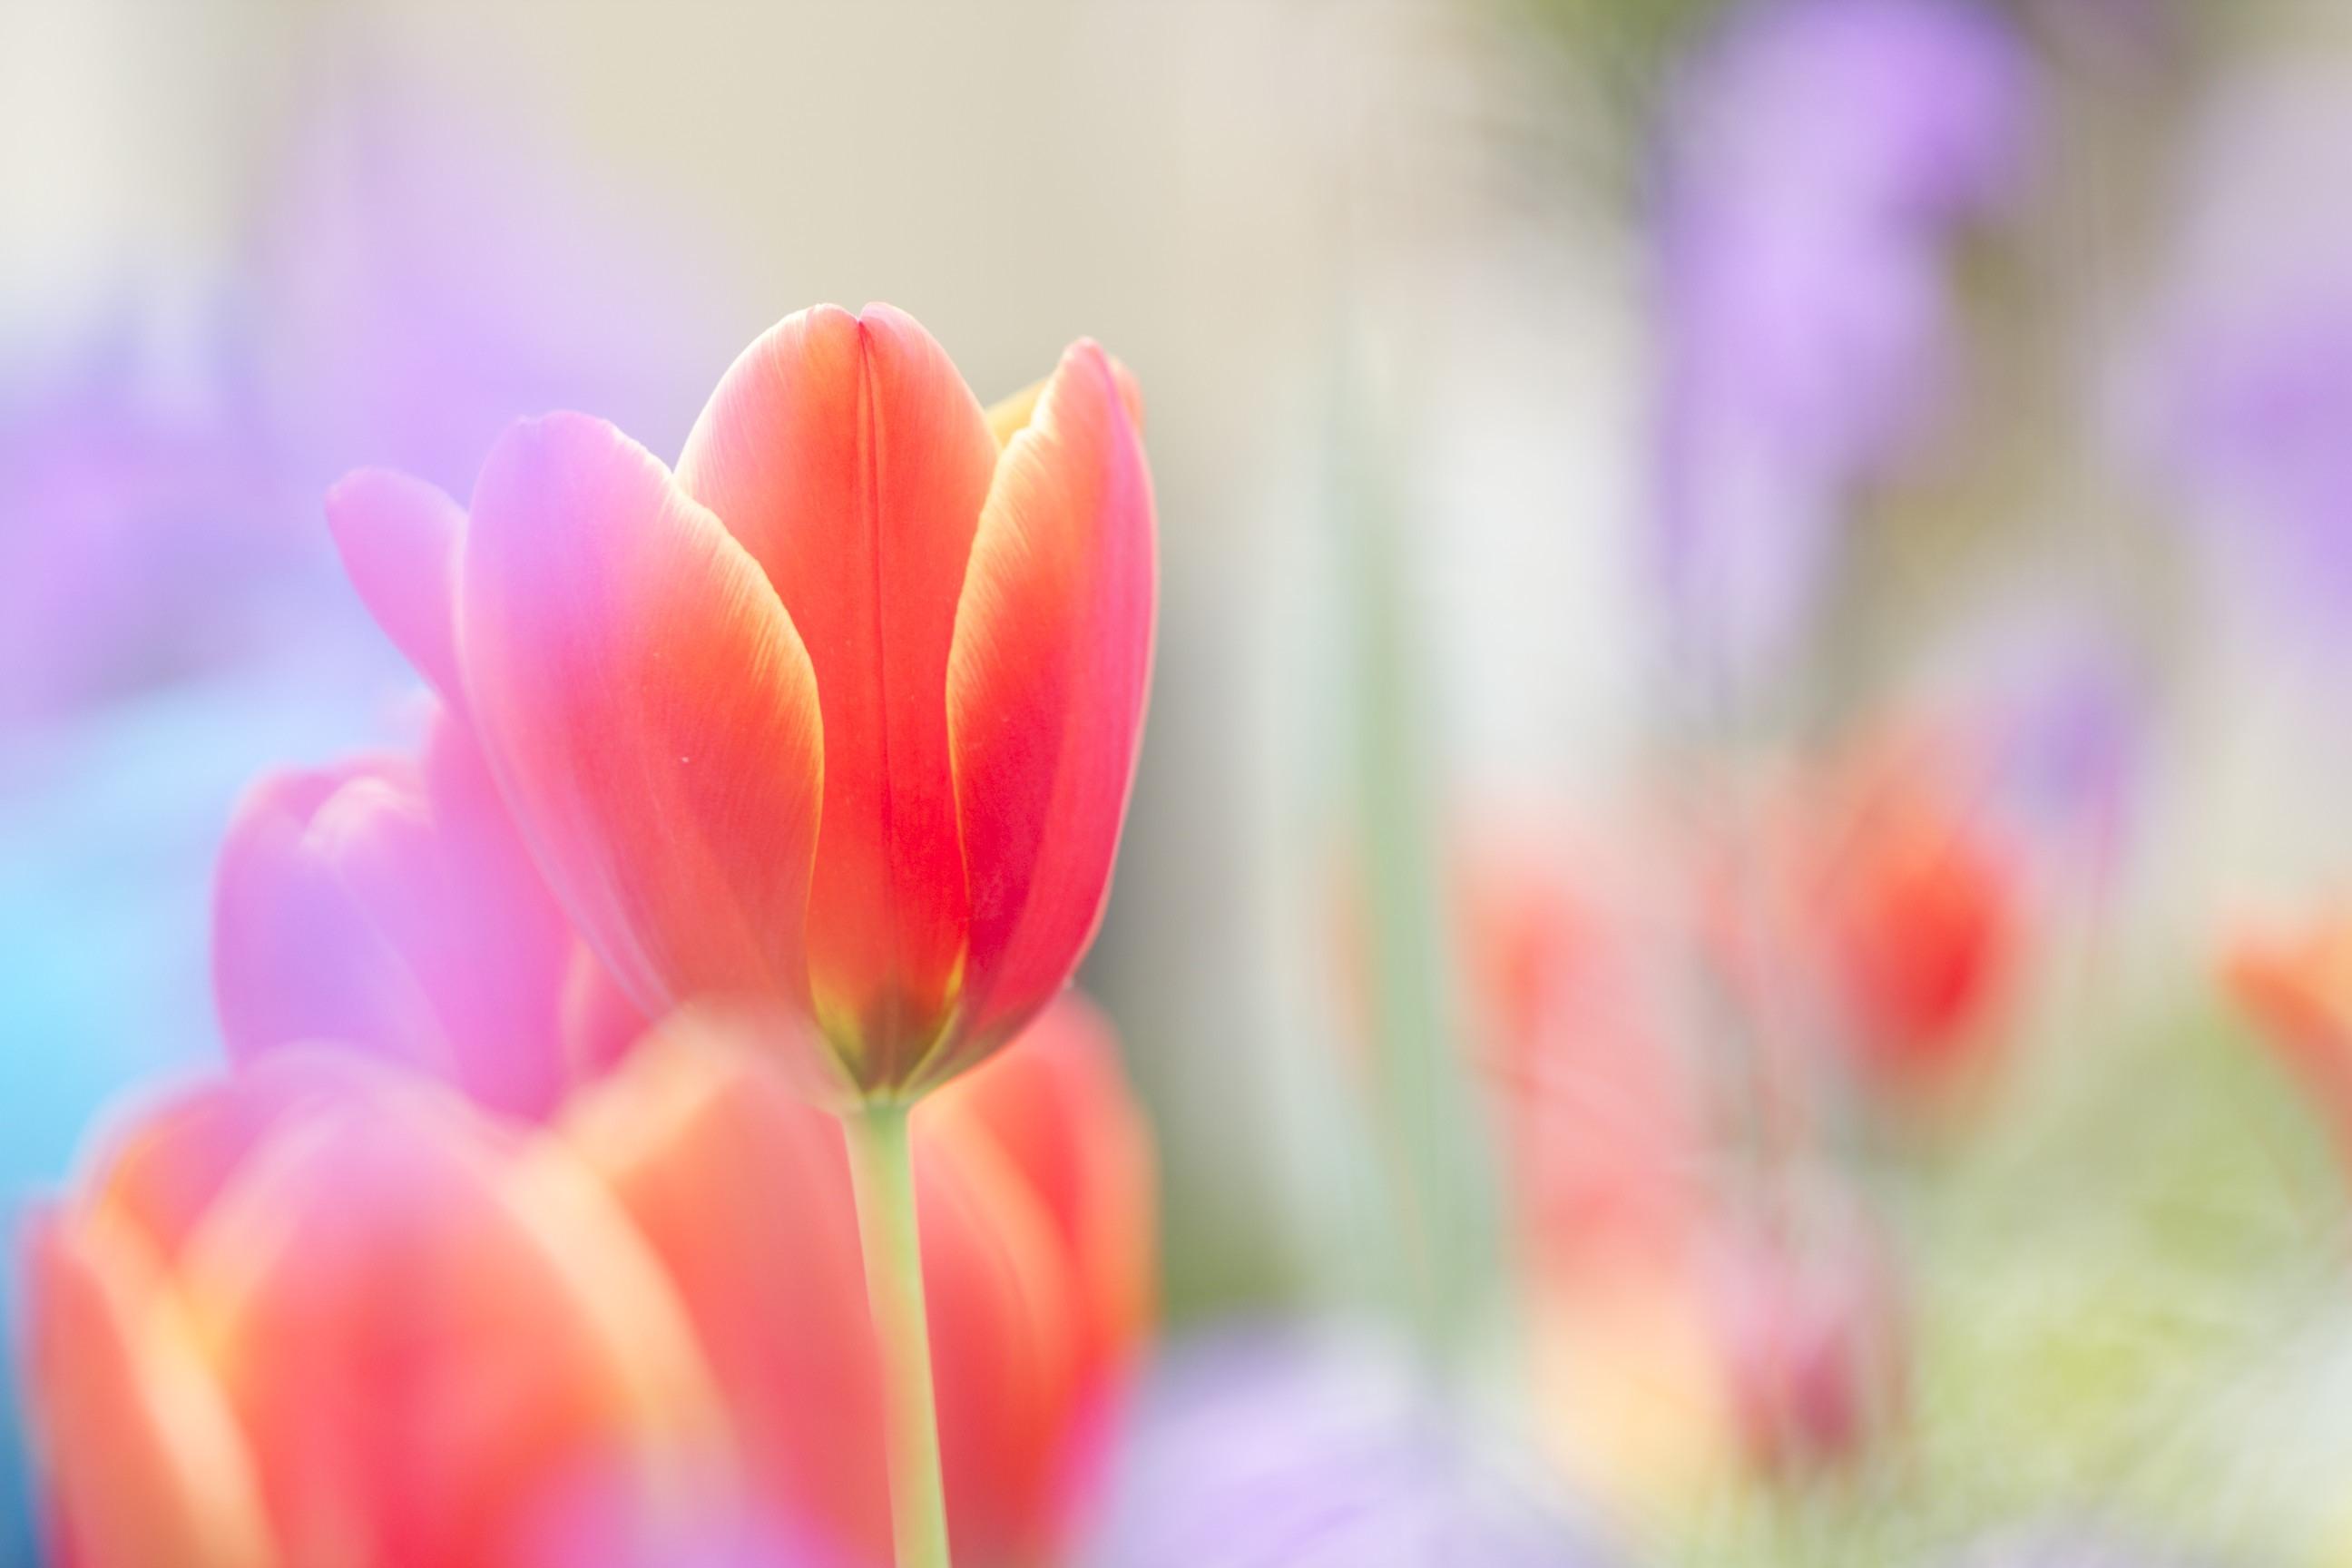 тюльпаны свет цветы  № 736242 загрузить